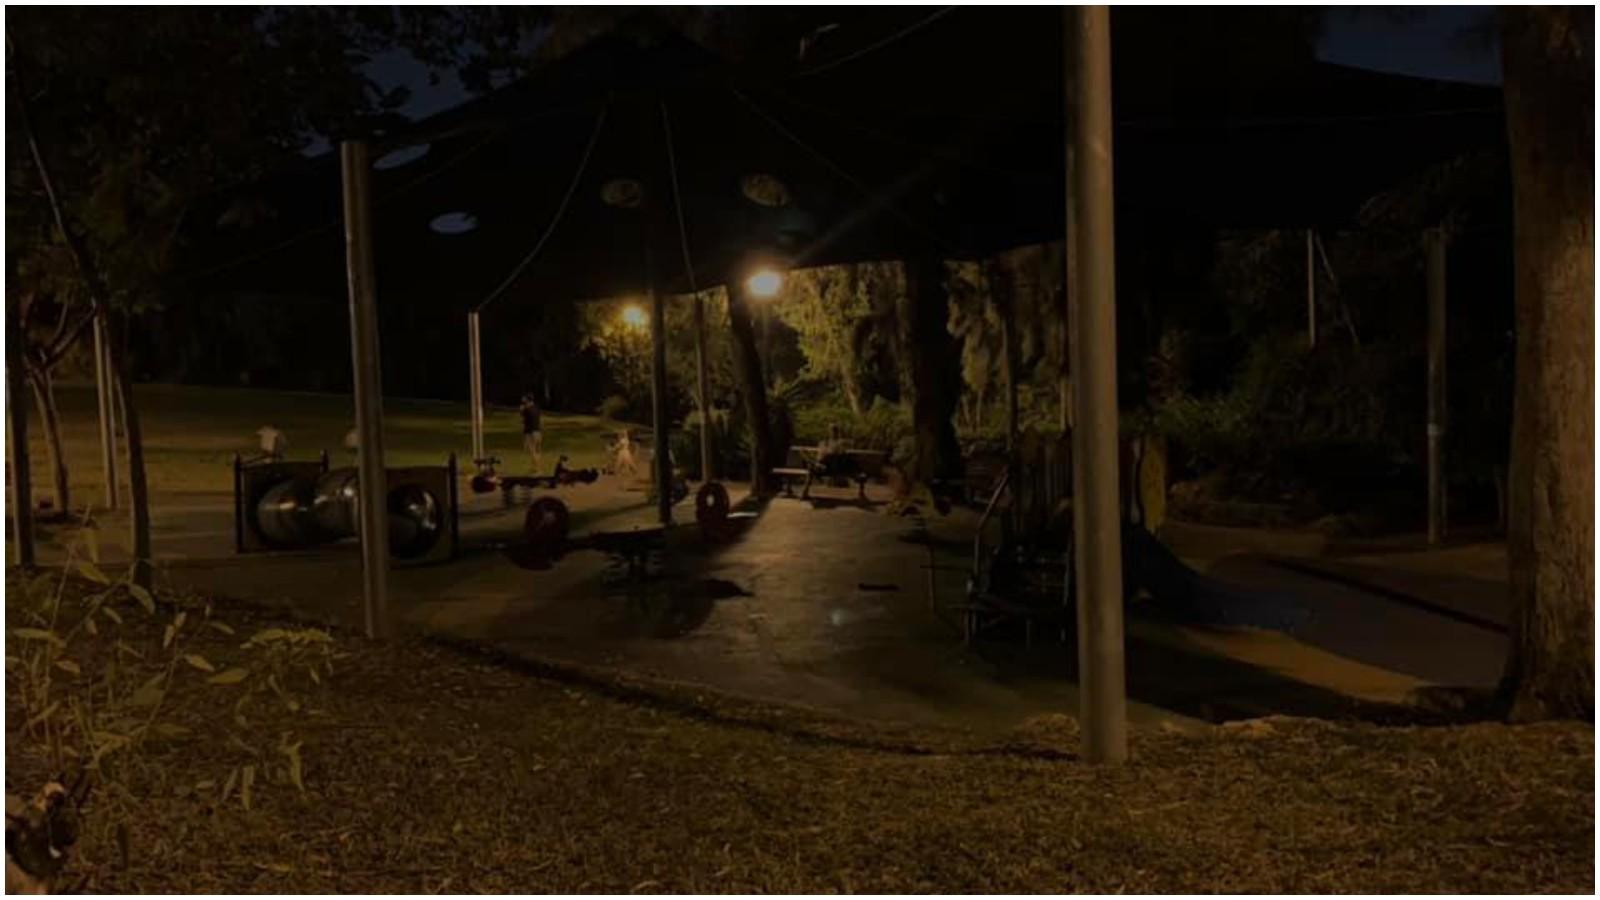 גינת בורוכוב החשוכה ברעננה. צילום מתוך קבוצת הפייסבוק פורום תושבים רעננה